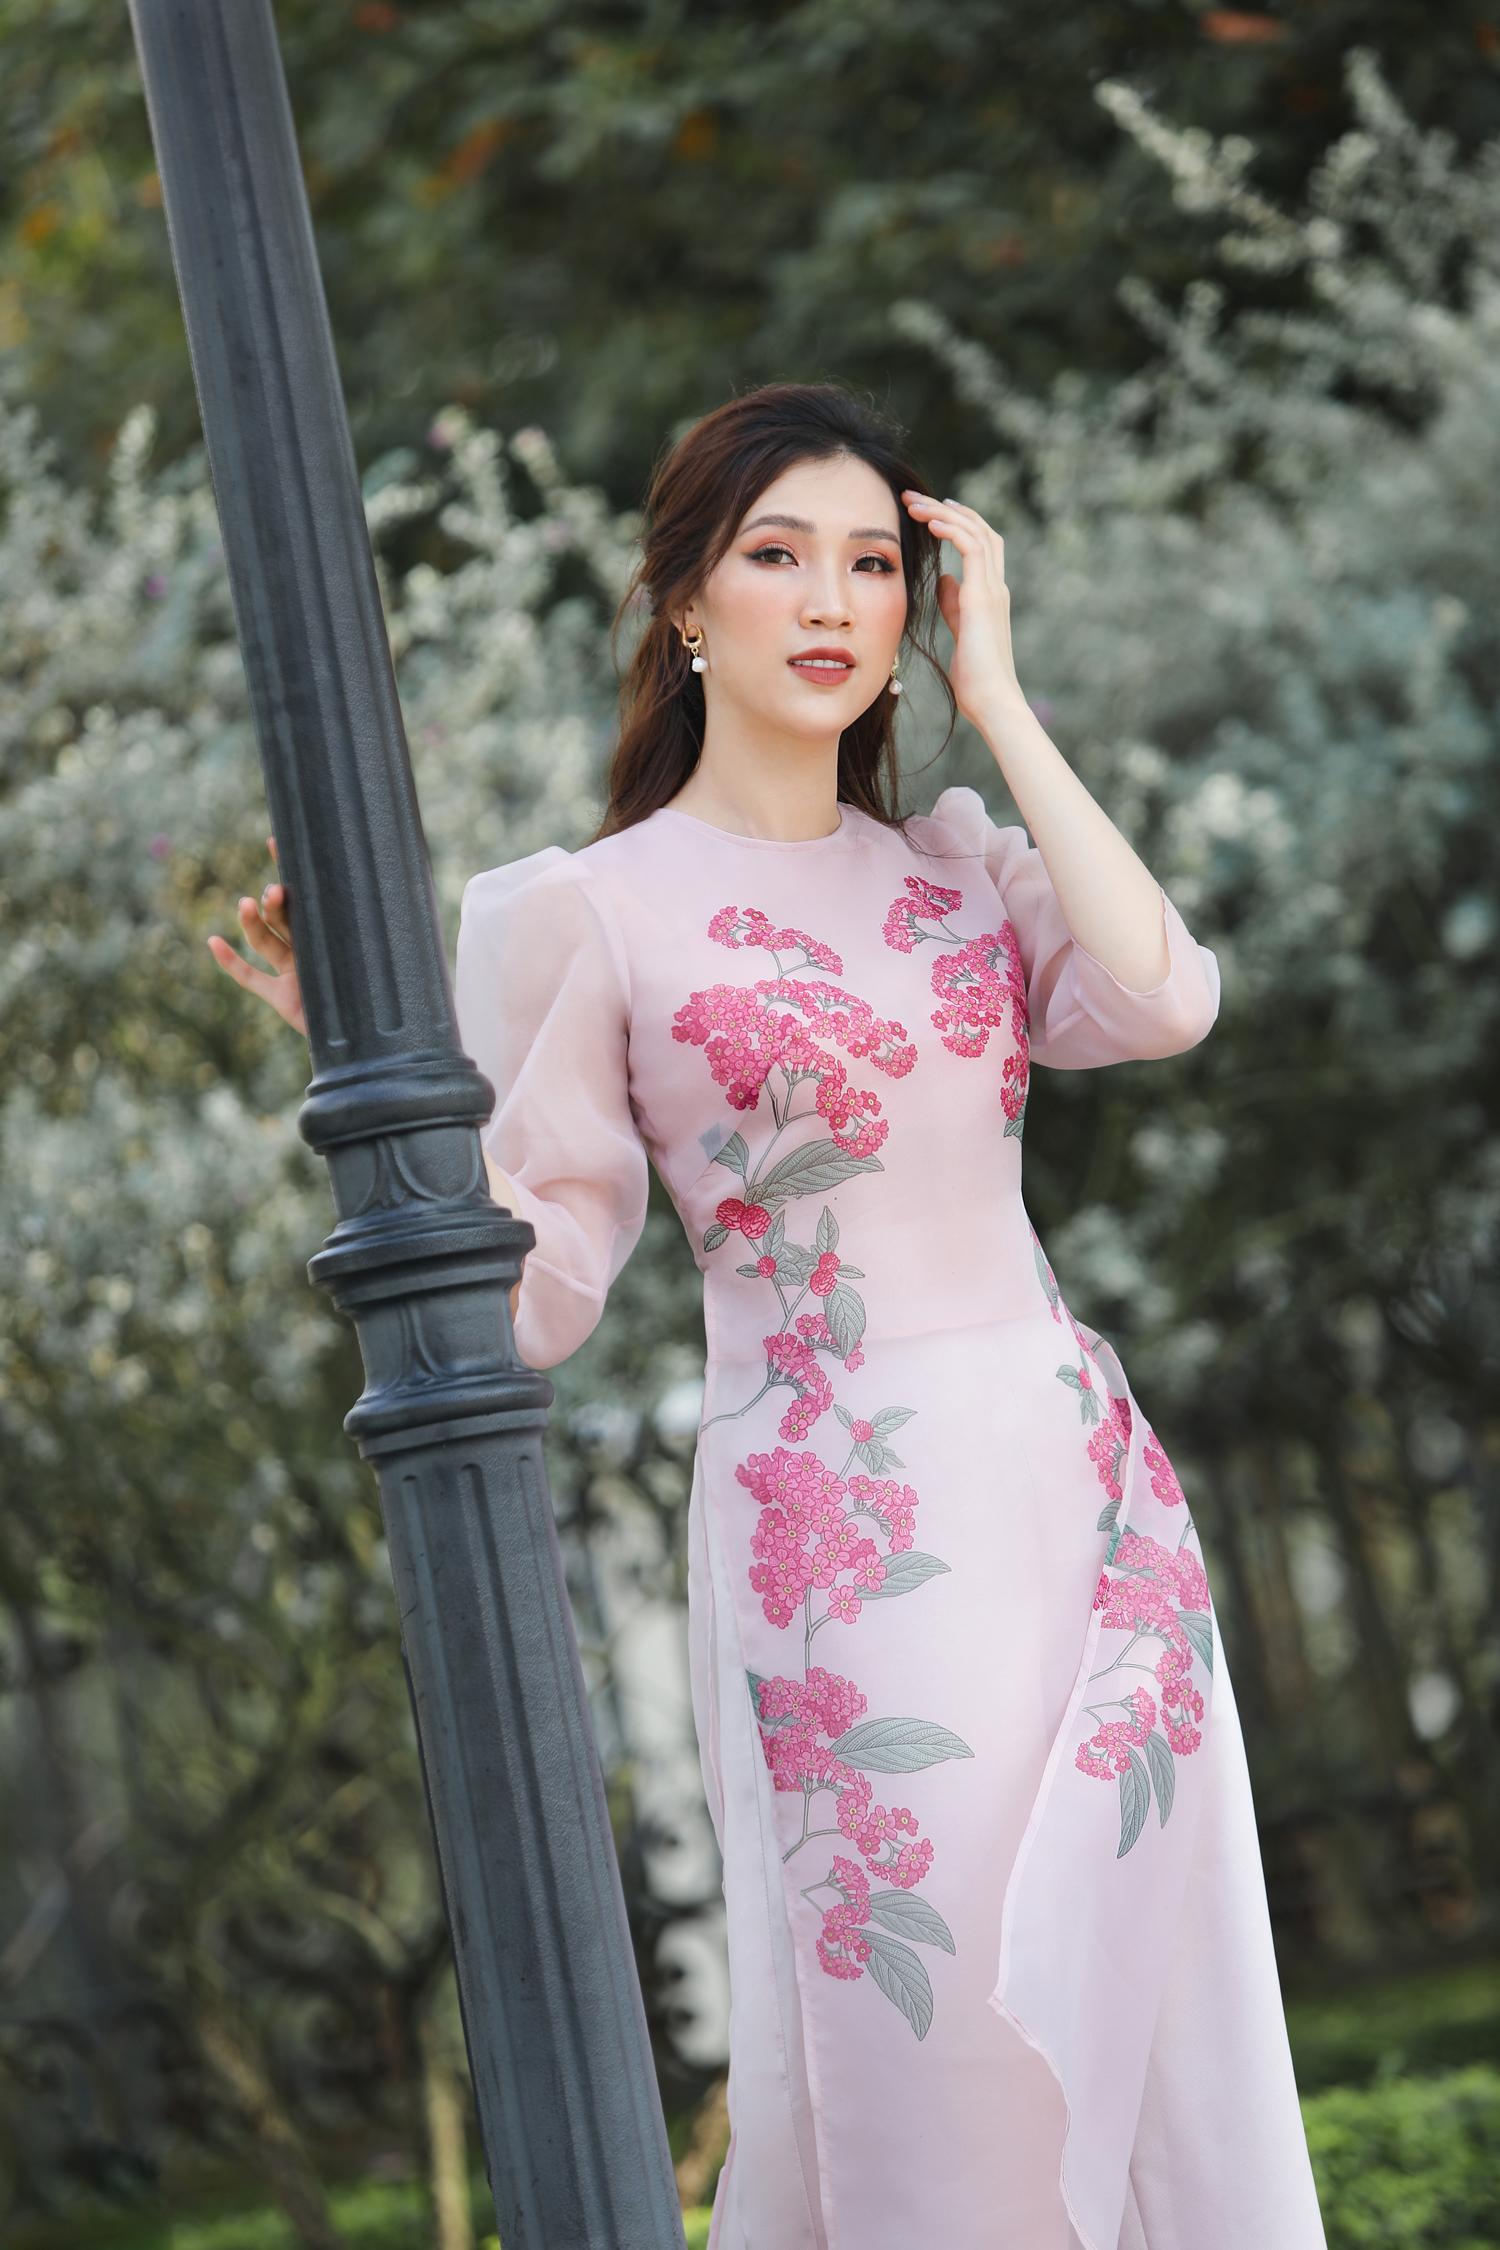 Hoa hậu Phí Thùy Linh diện áo dài Tết với họa tiết hoa xuân trẻ trung | VOV.VN